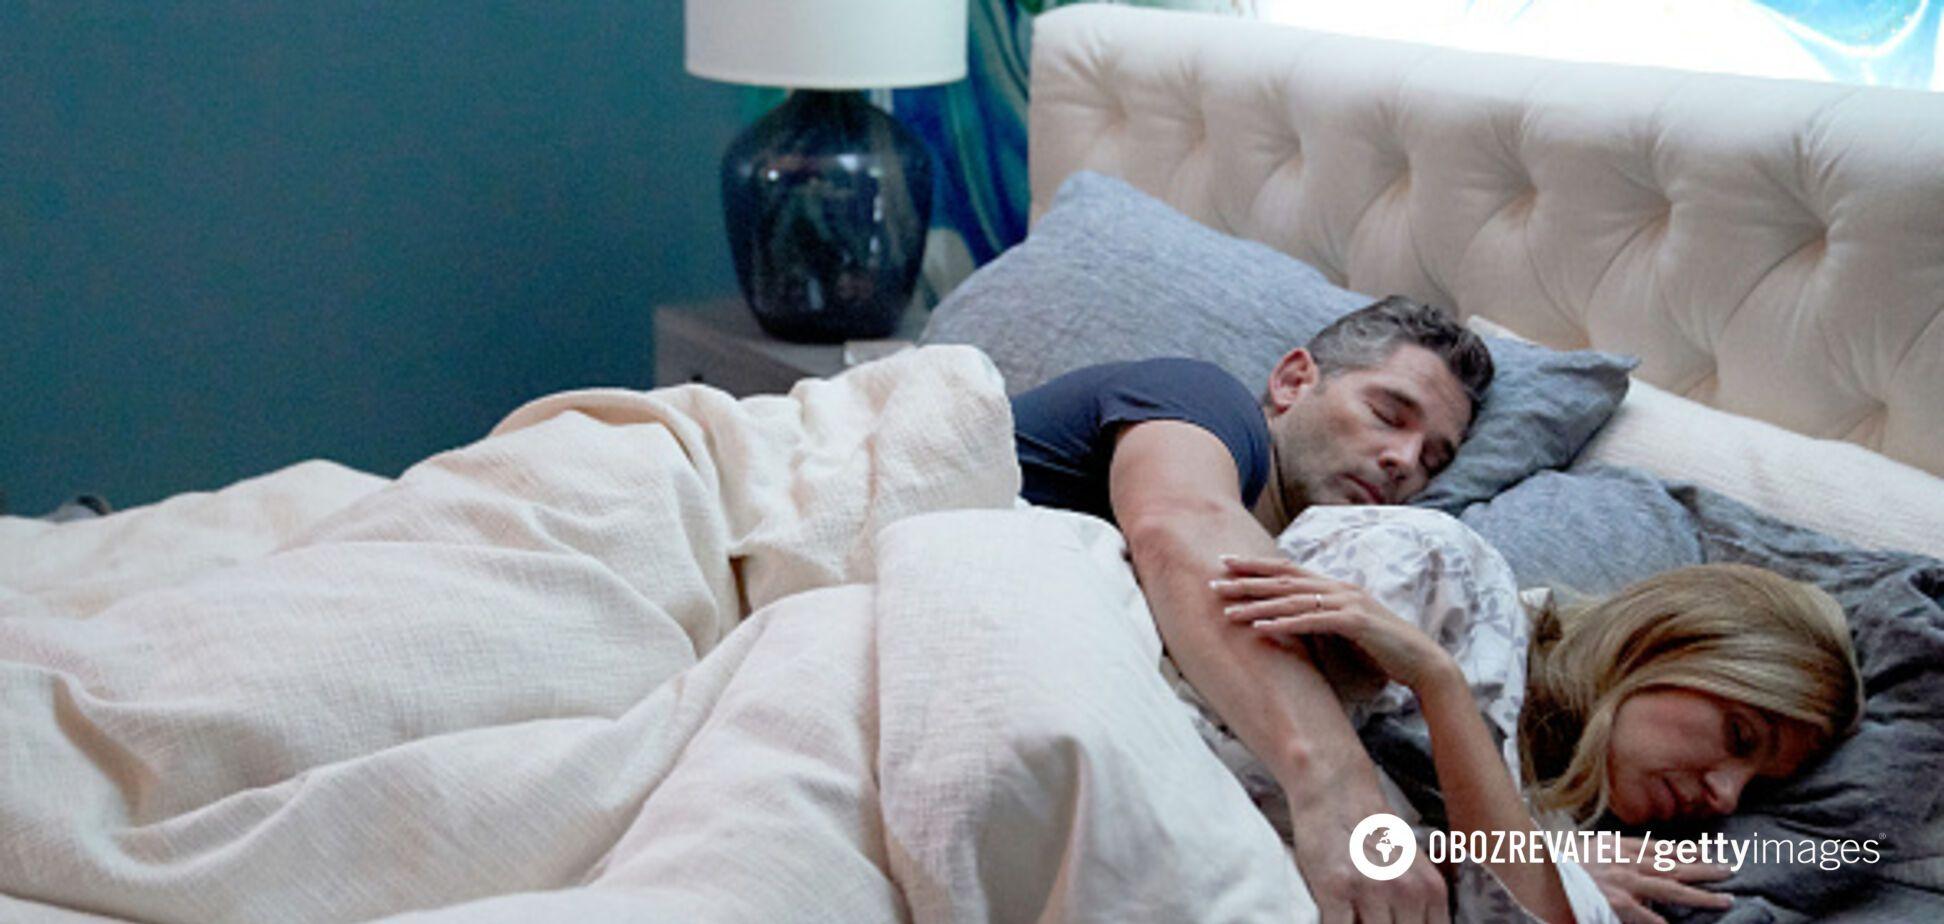 Врач назвала три простые вещи, которые помогут выспаться